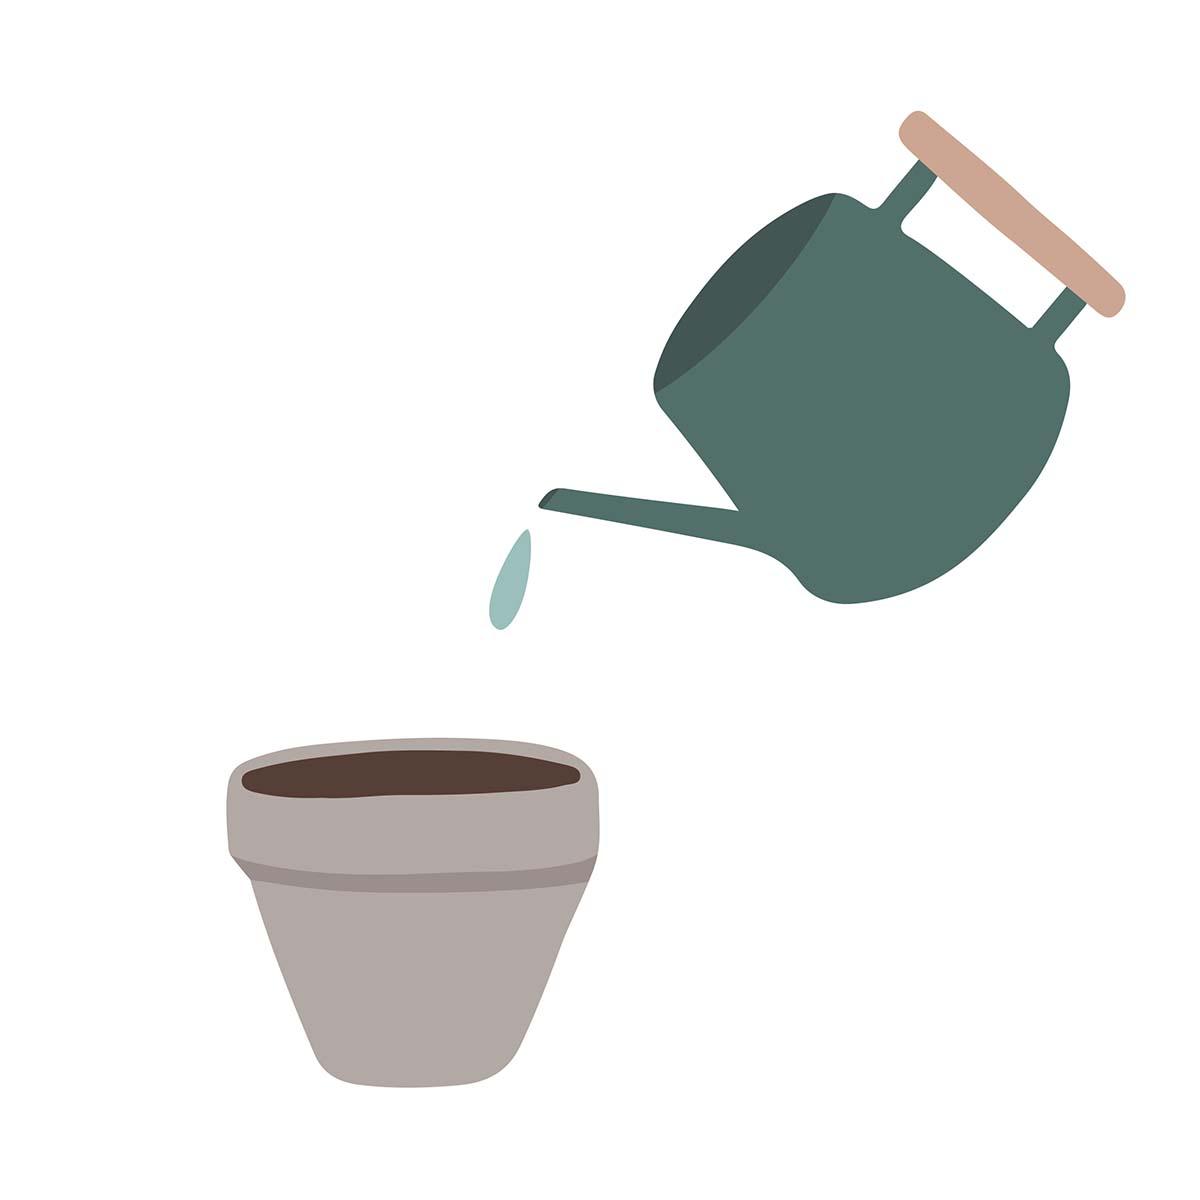 Bloom plantevejledning 2 - læg lidt ekstra jord oven i potten og vand derefter potten